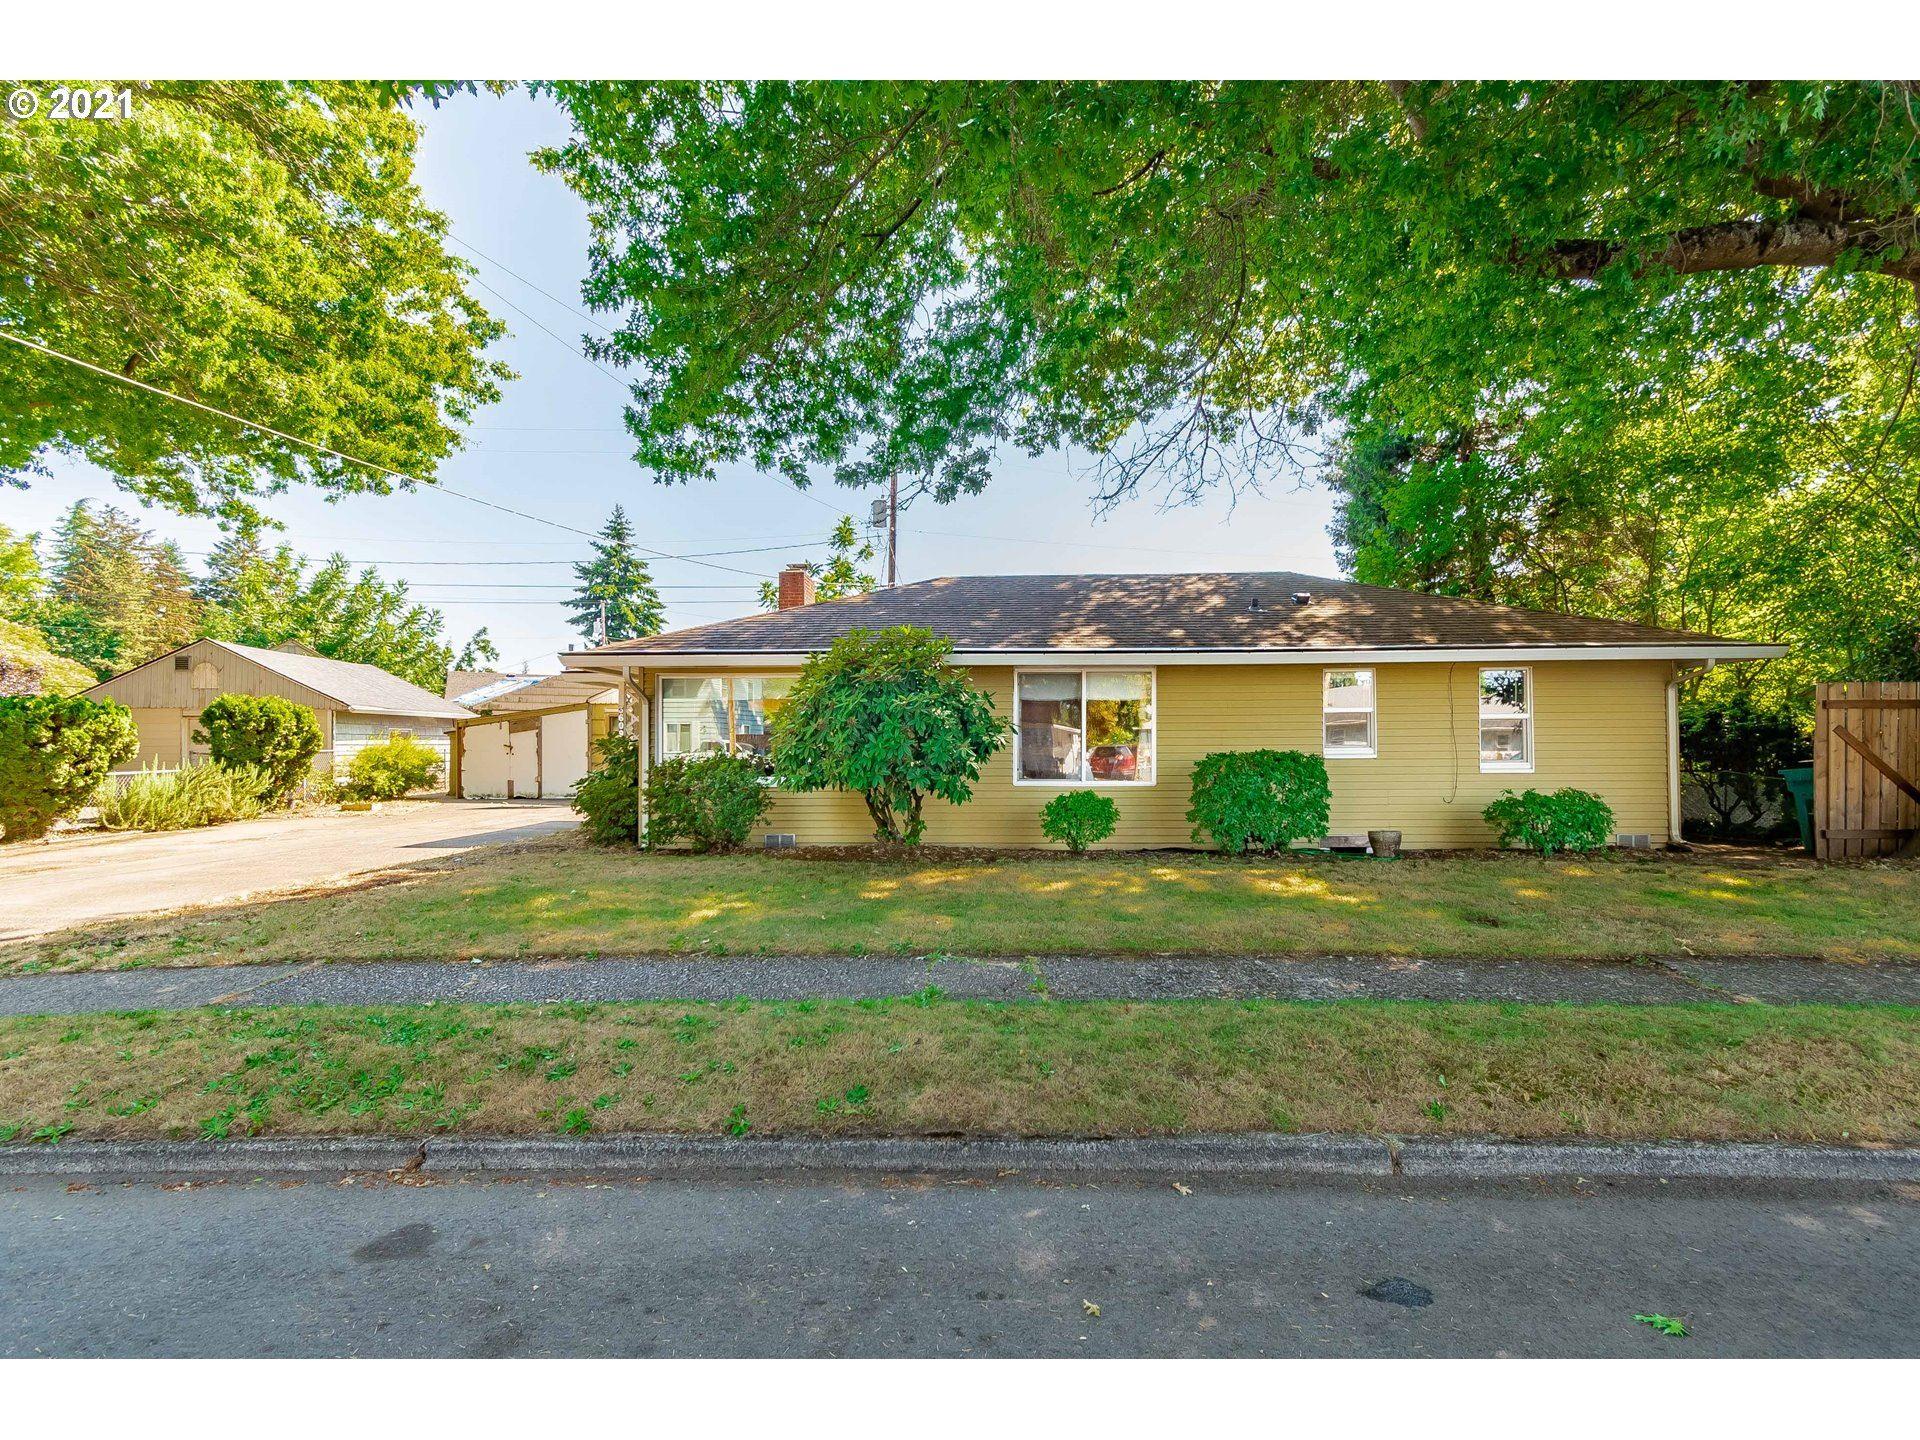 3609 E MCLOUGHLIN BLVD, Vancouver, WA 98661 - MLS#: 21692631